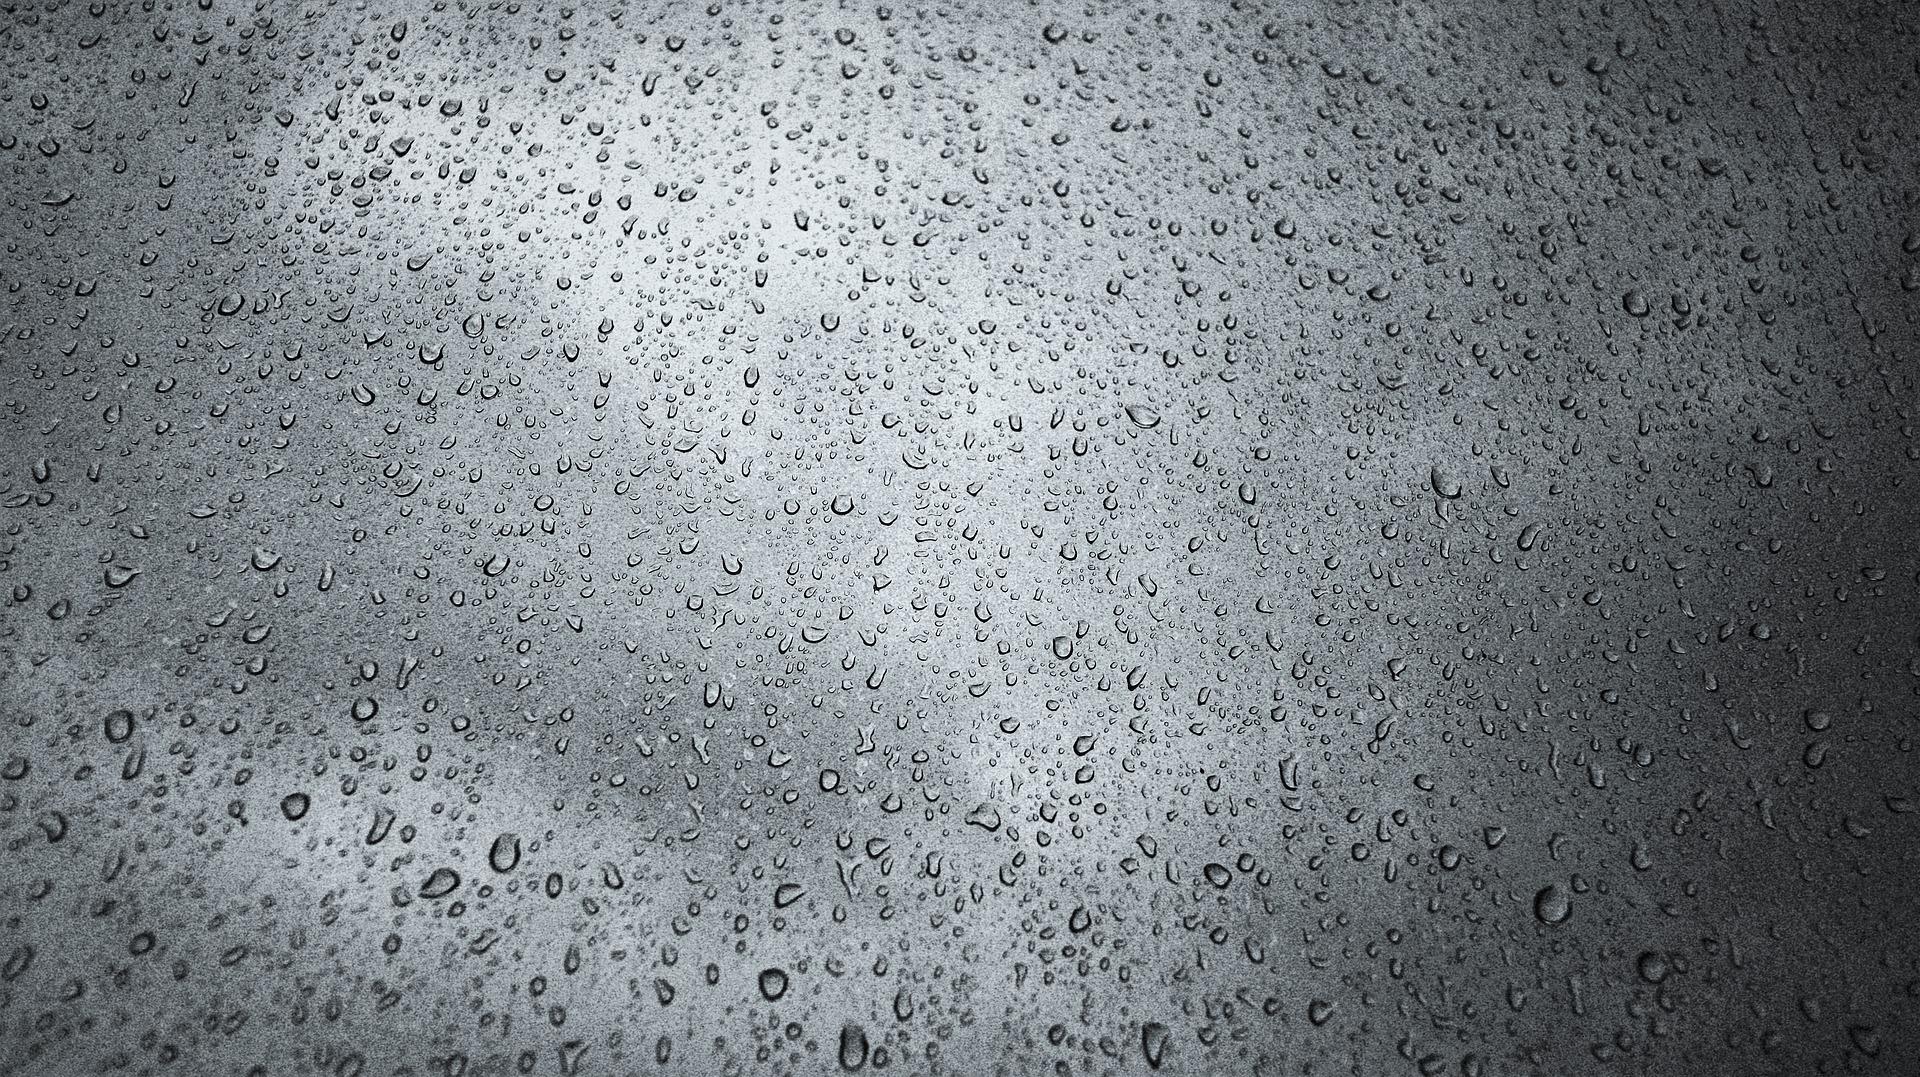 POGODA KOLBUSZOWA: Słońce zniknie za chmurami. Nadchodzą burze i ulewy [RADAR ONLINE] - Zdjęcie główne